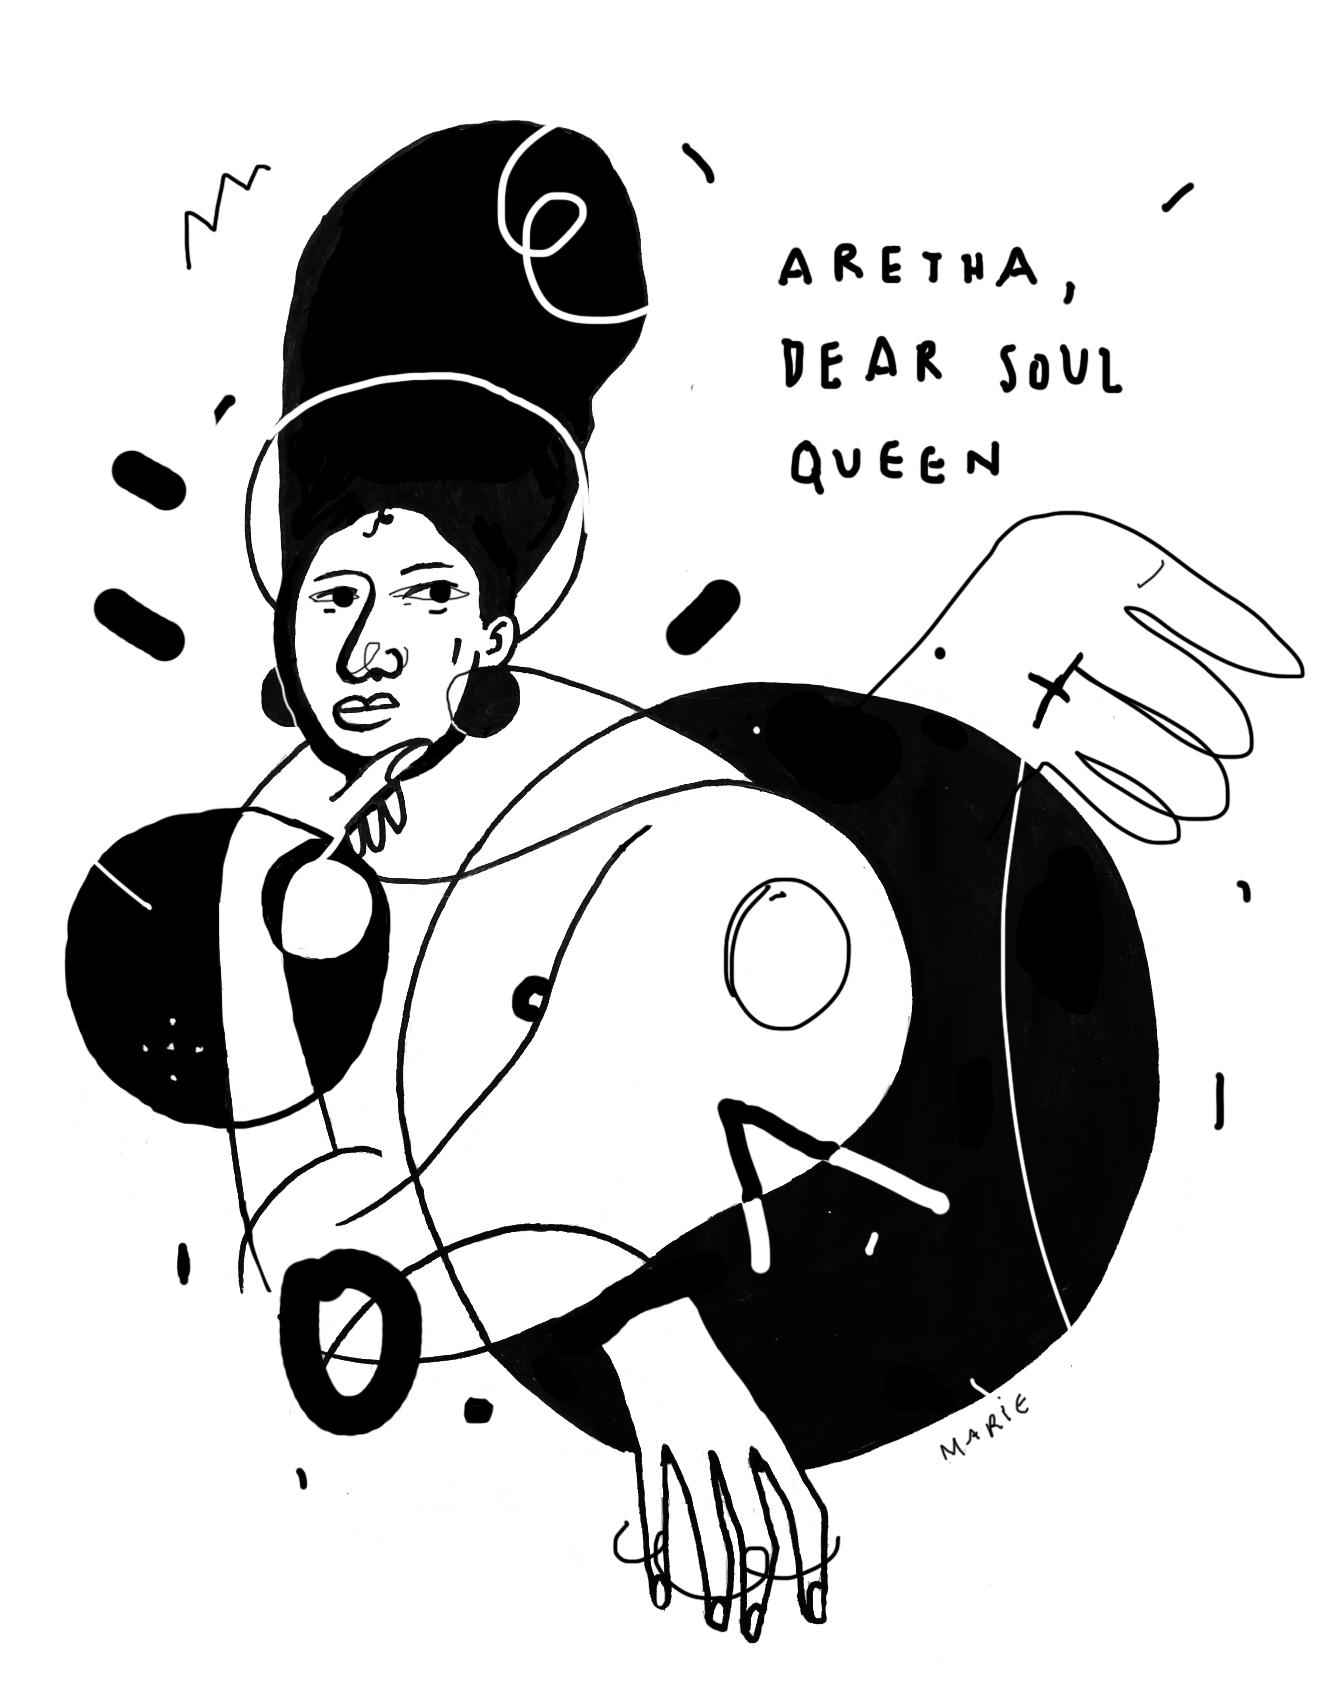 Aretha Franflin